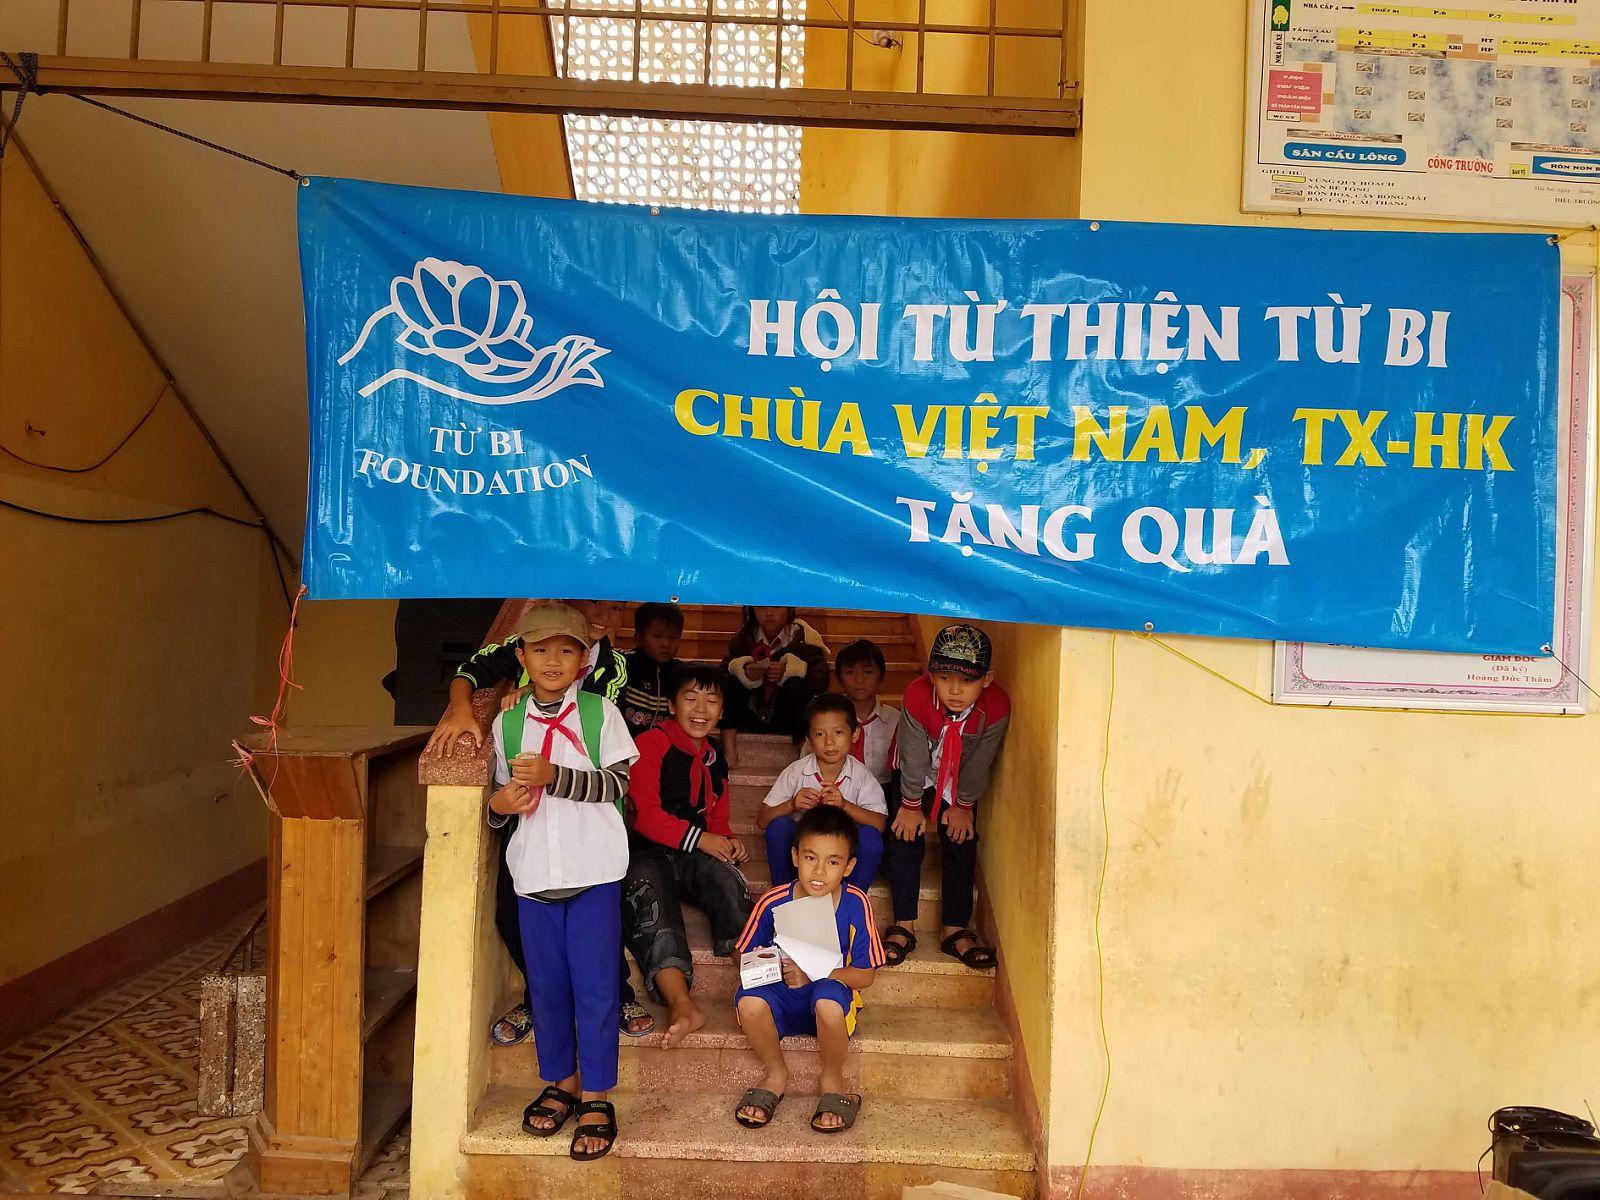 hoc bong va tang qua (63)